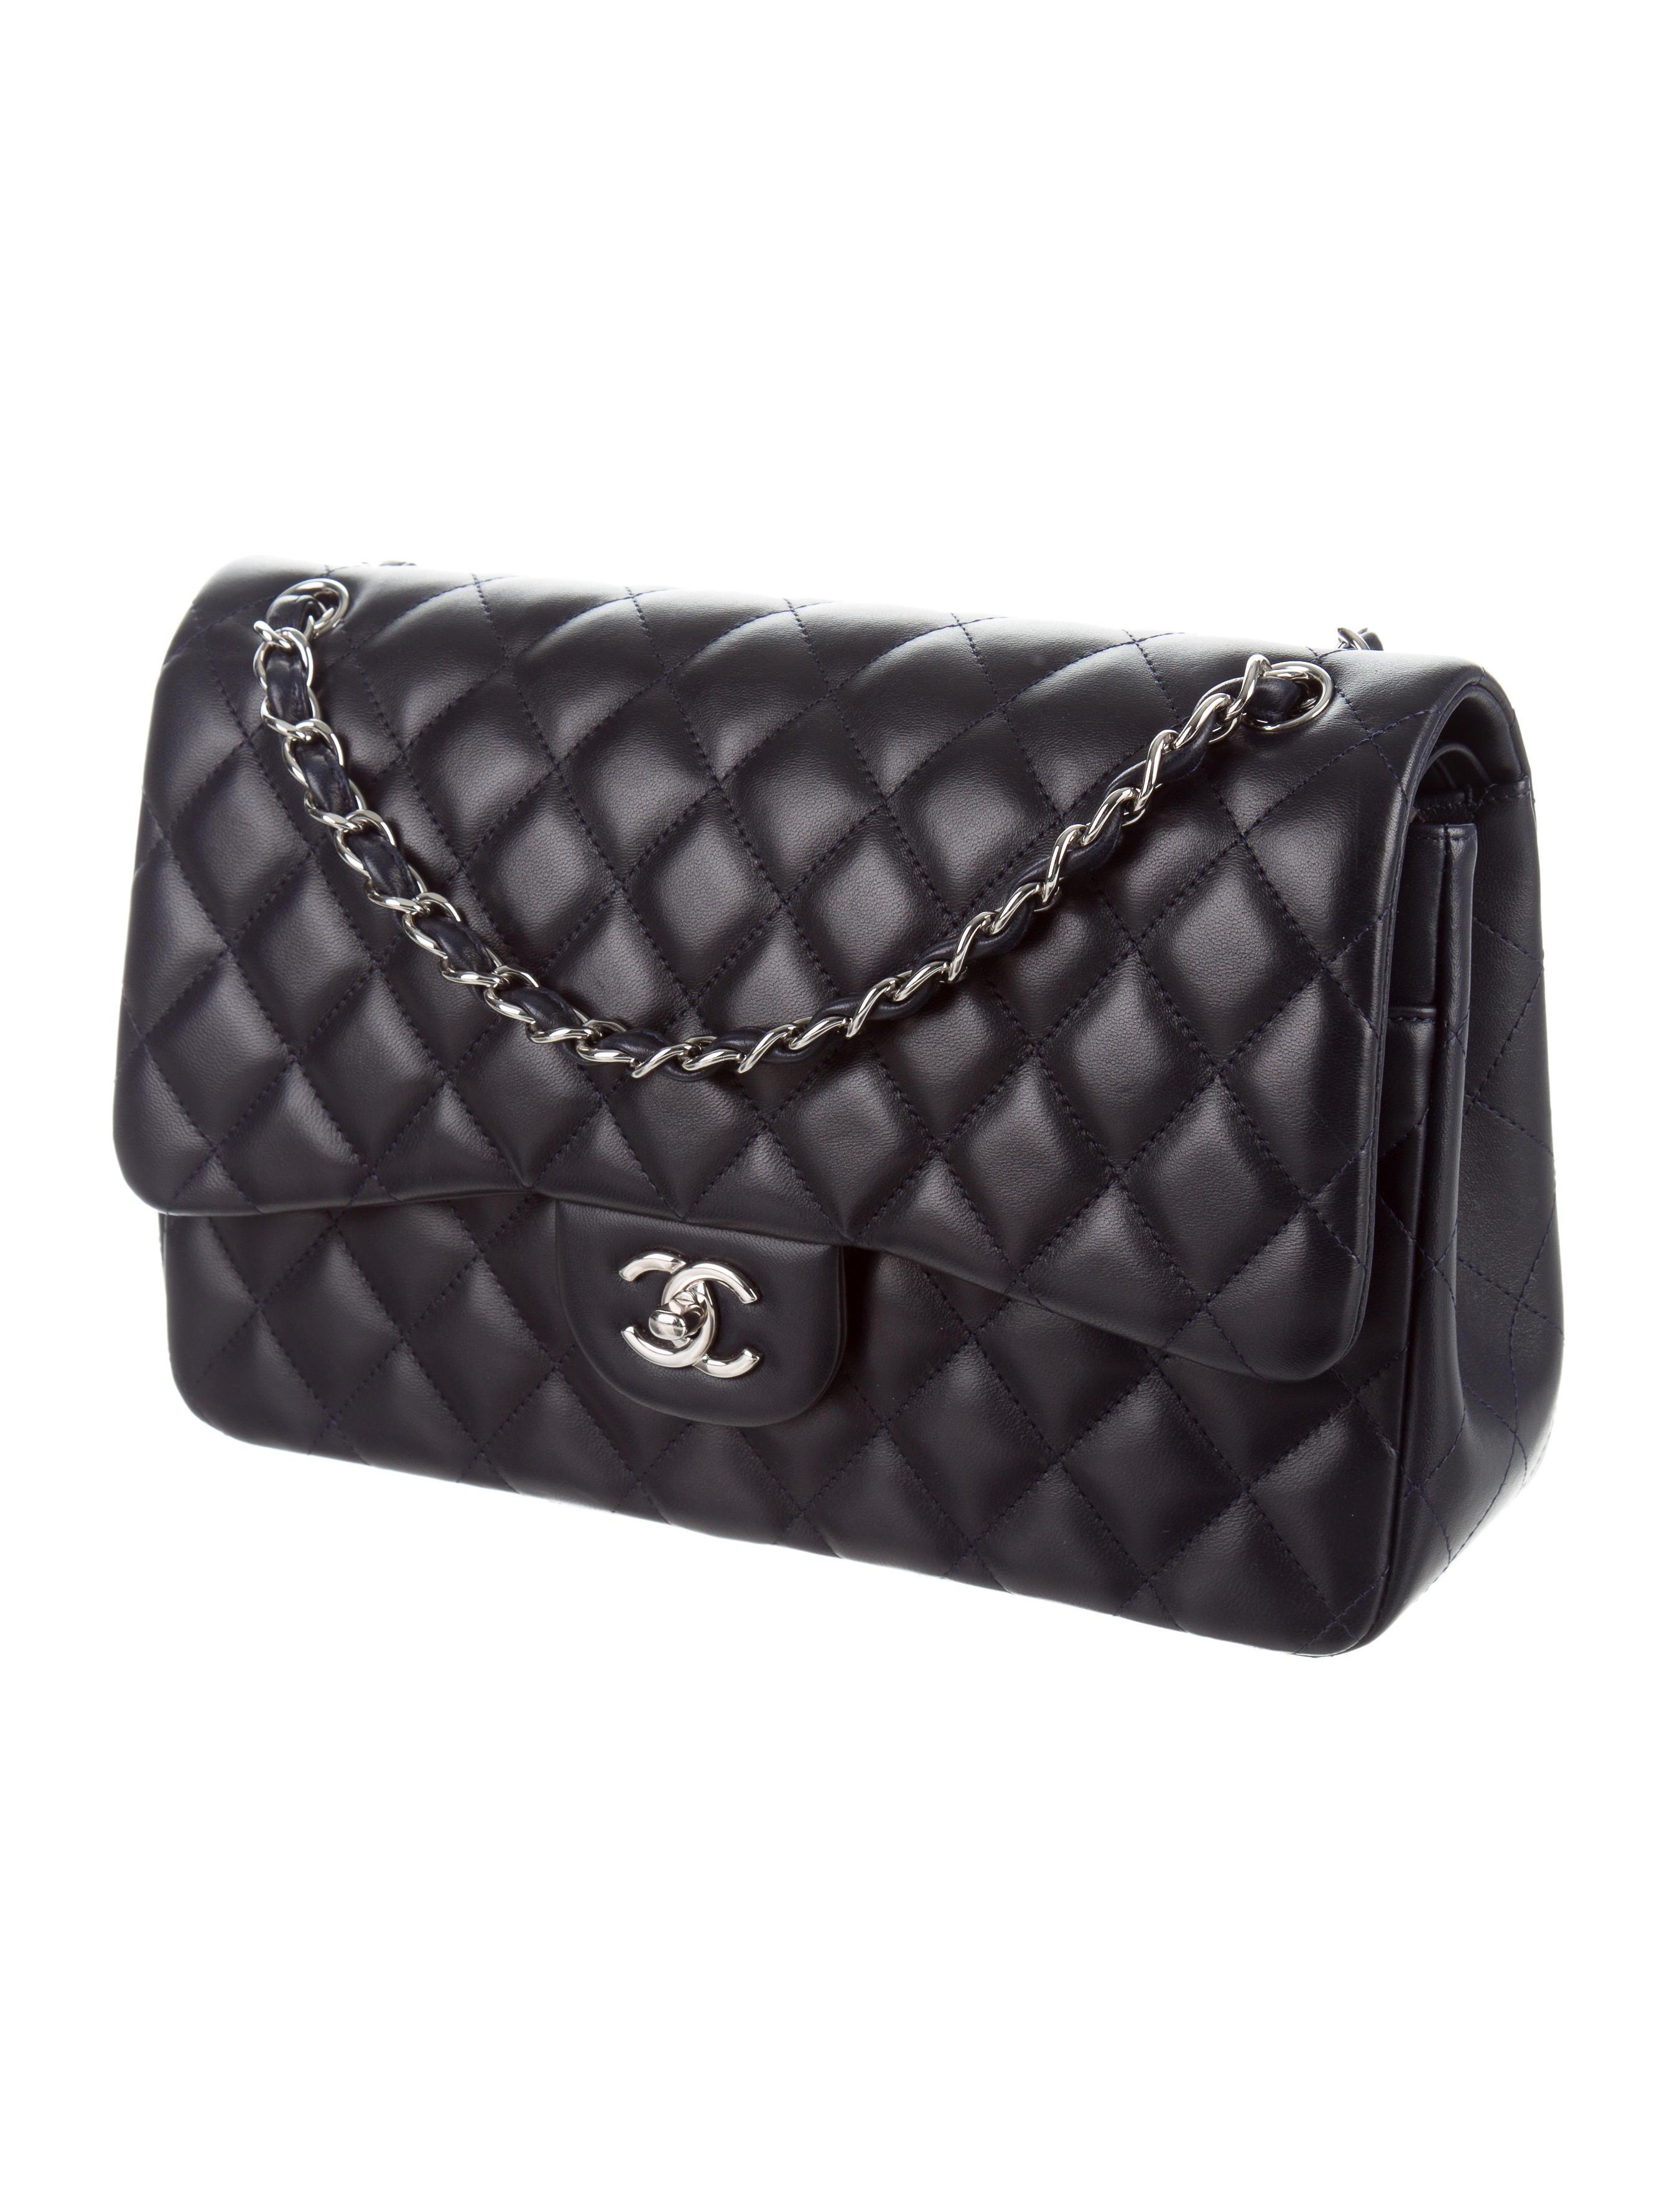 Chanel Classic Jumbo Double Flap Bag Handbags